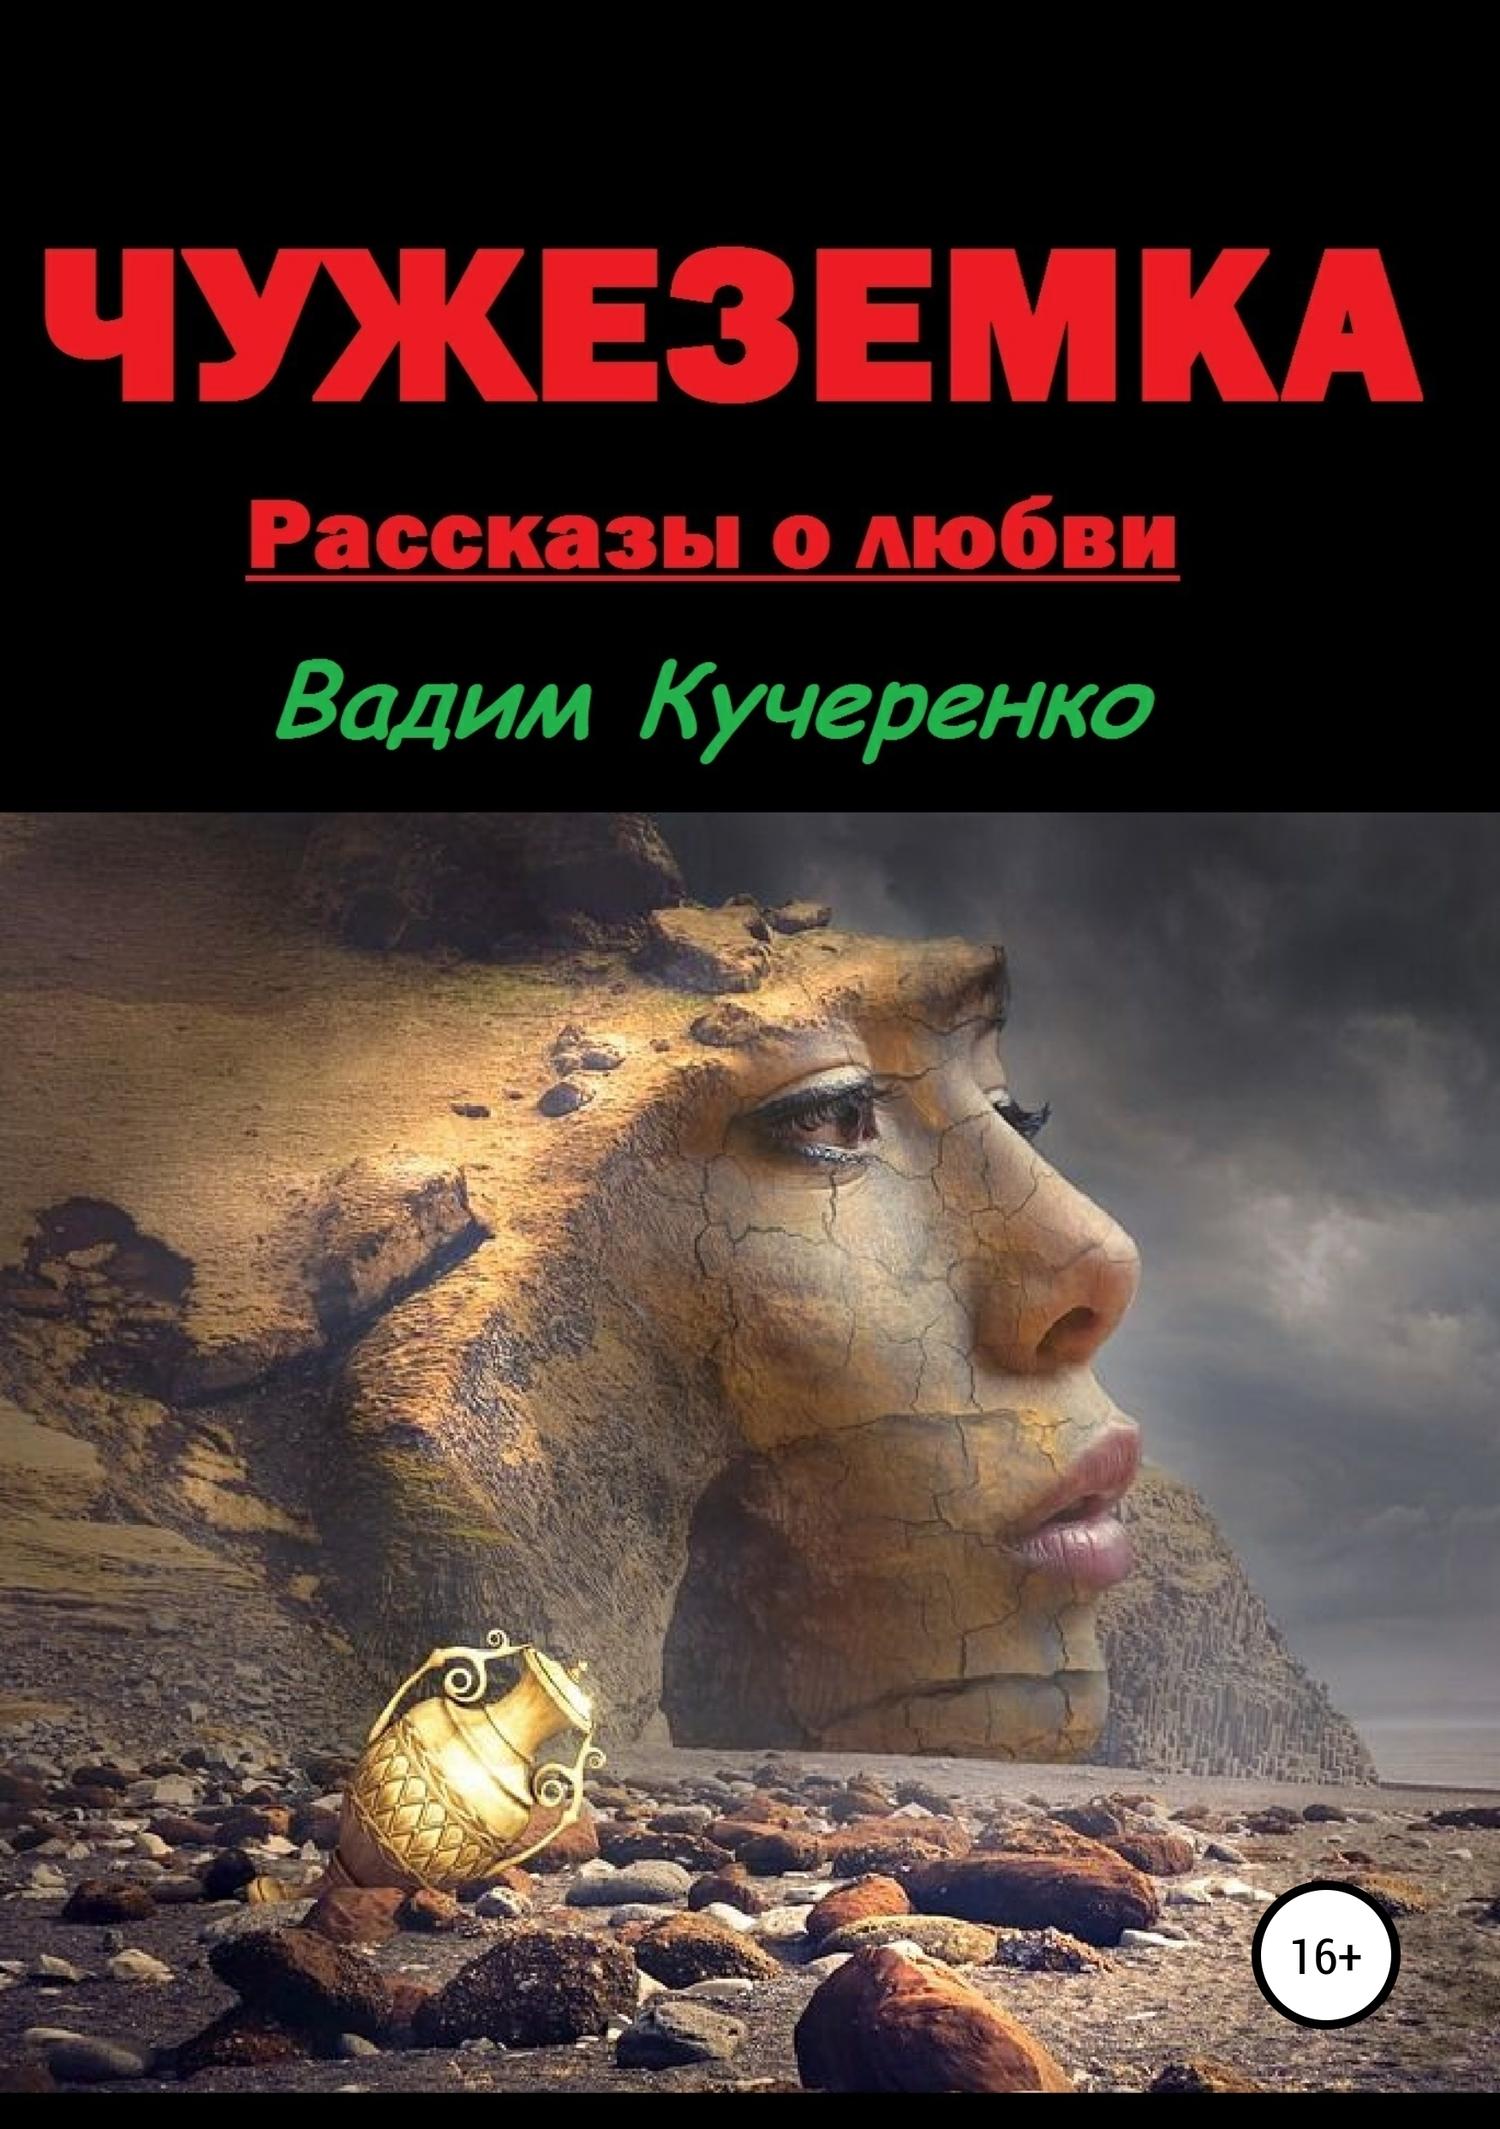 Вадим Кучеренко - Чужеземка. Рассказы о любви